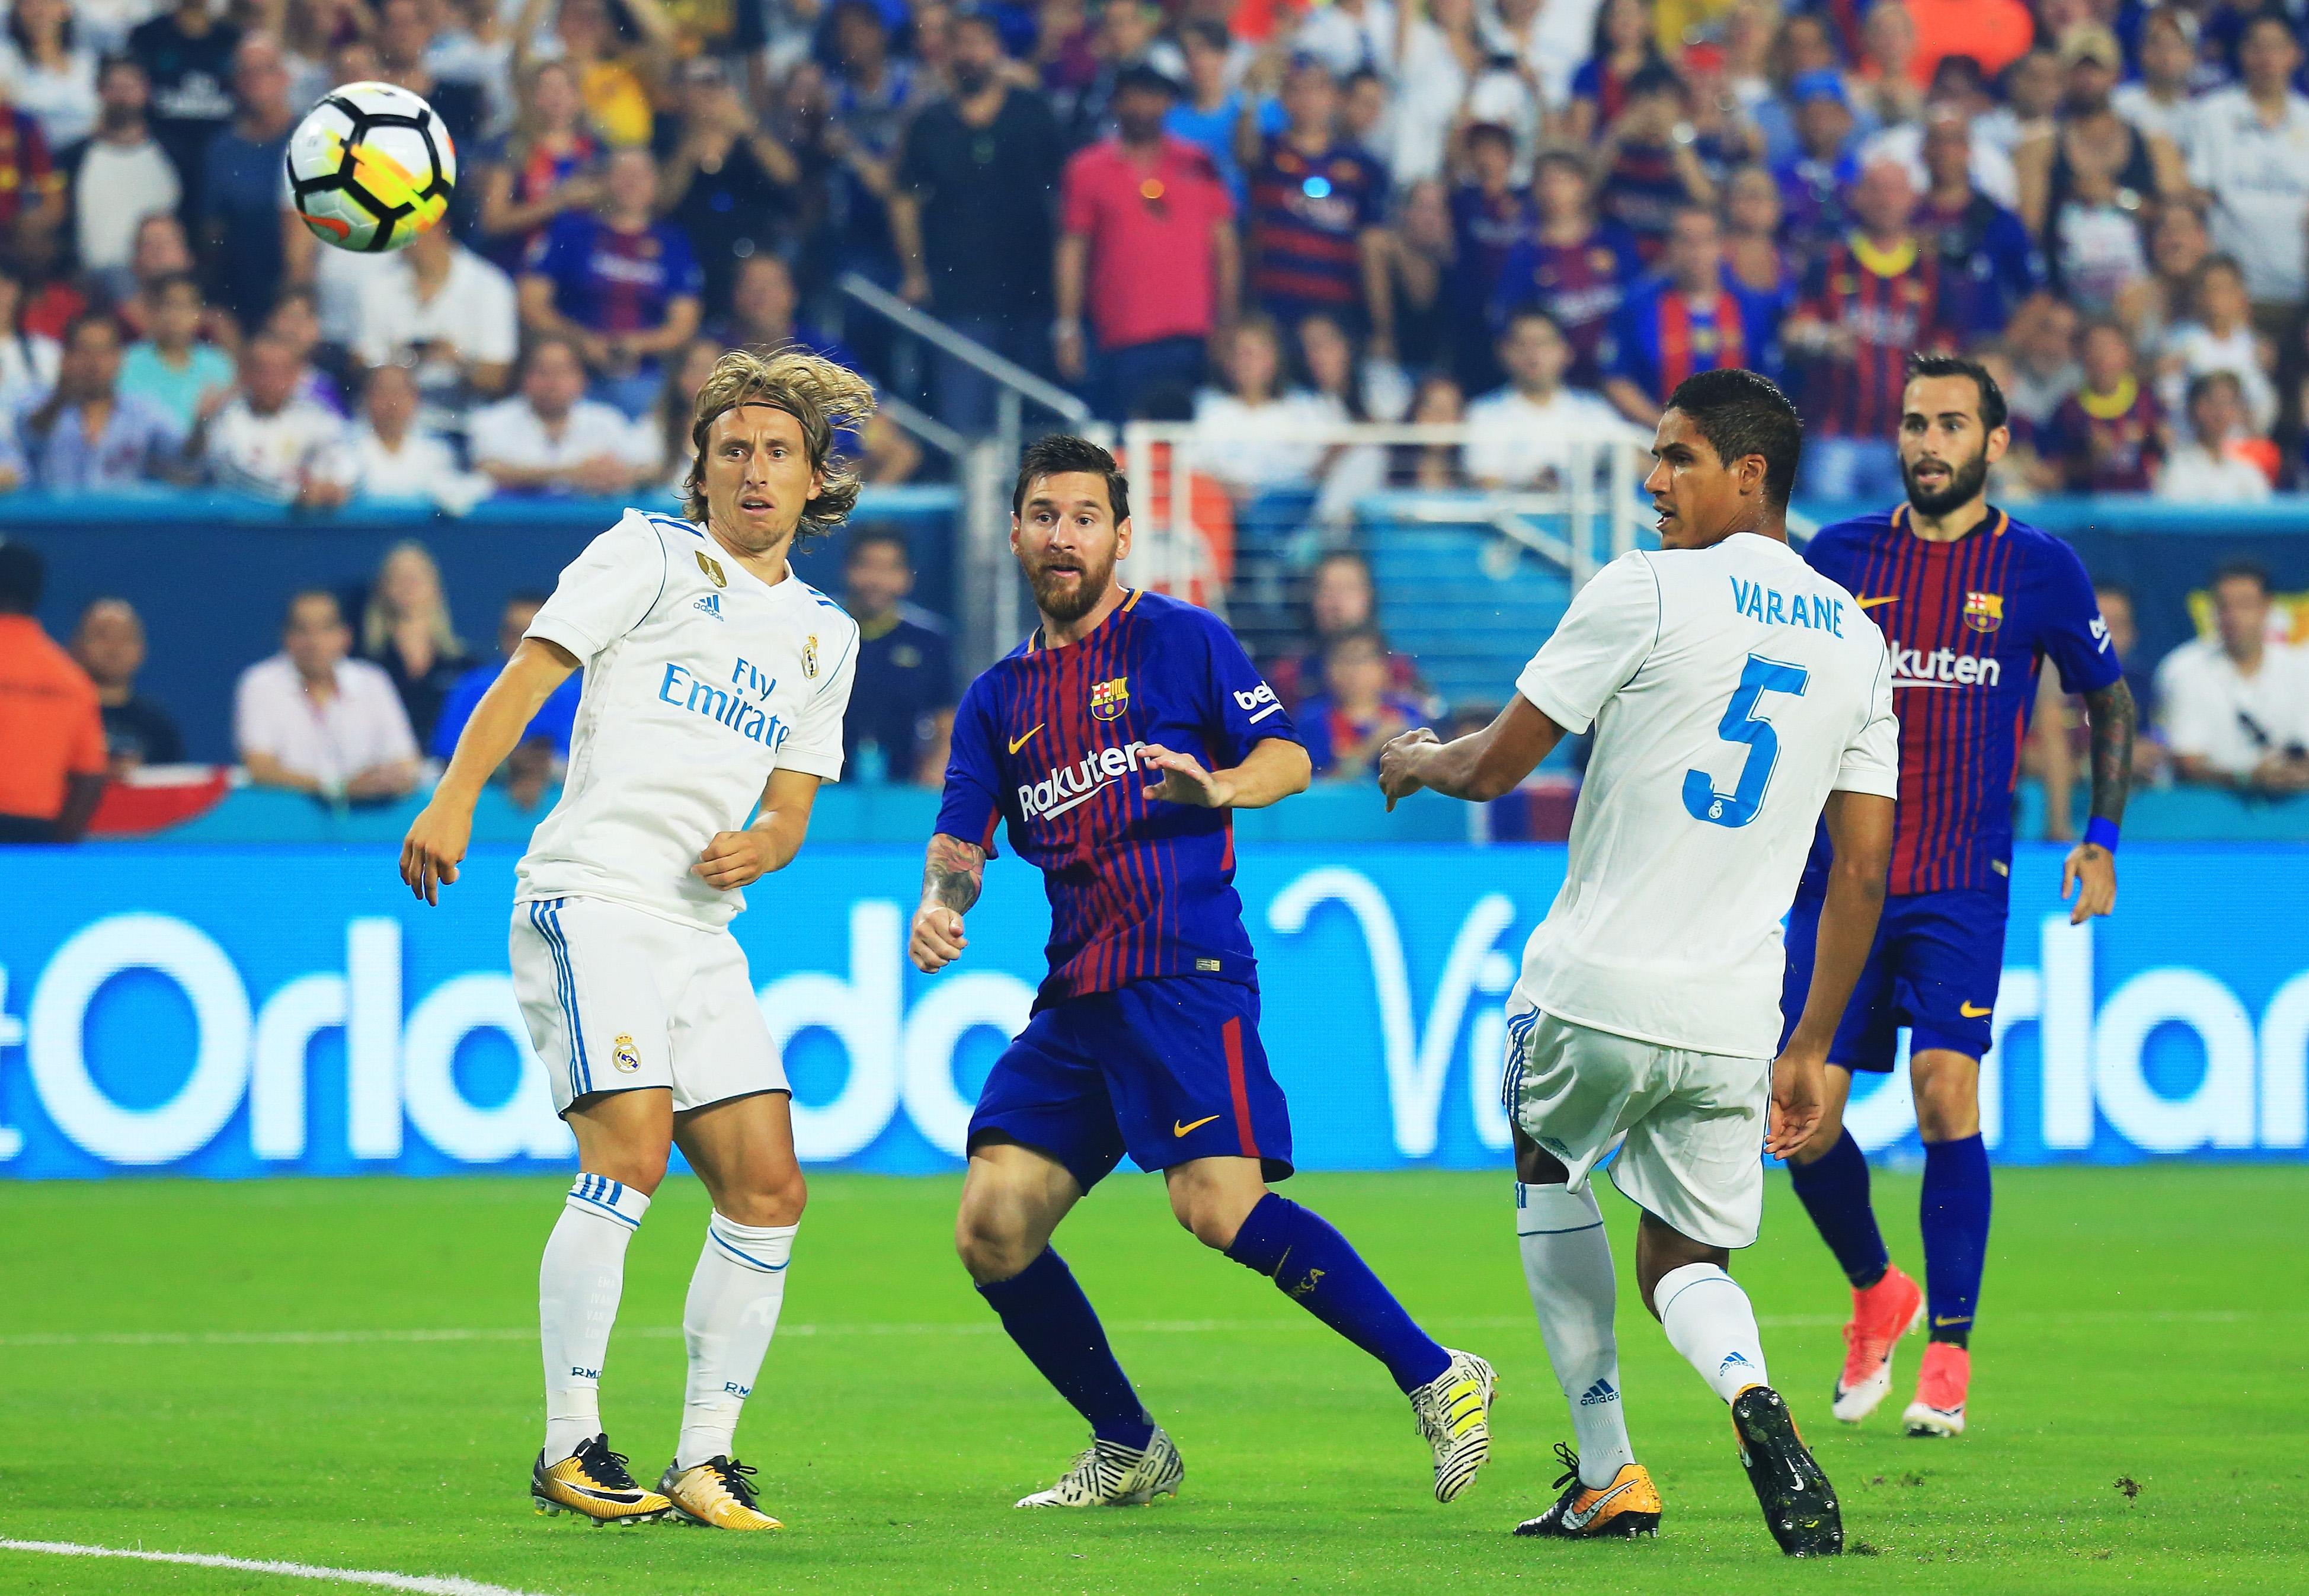 Já saiu castigo a Ronaldo por empurrar árbitro